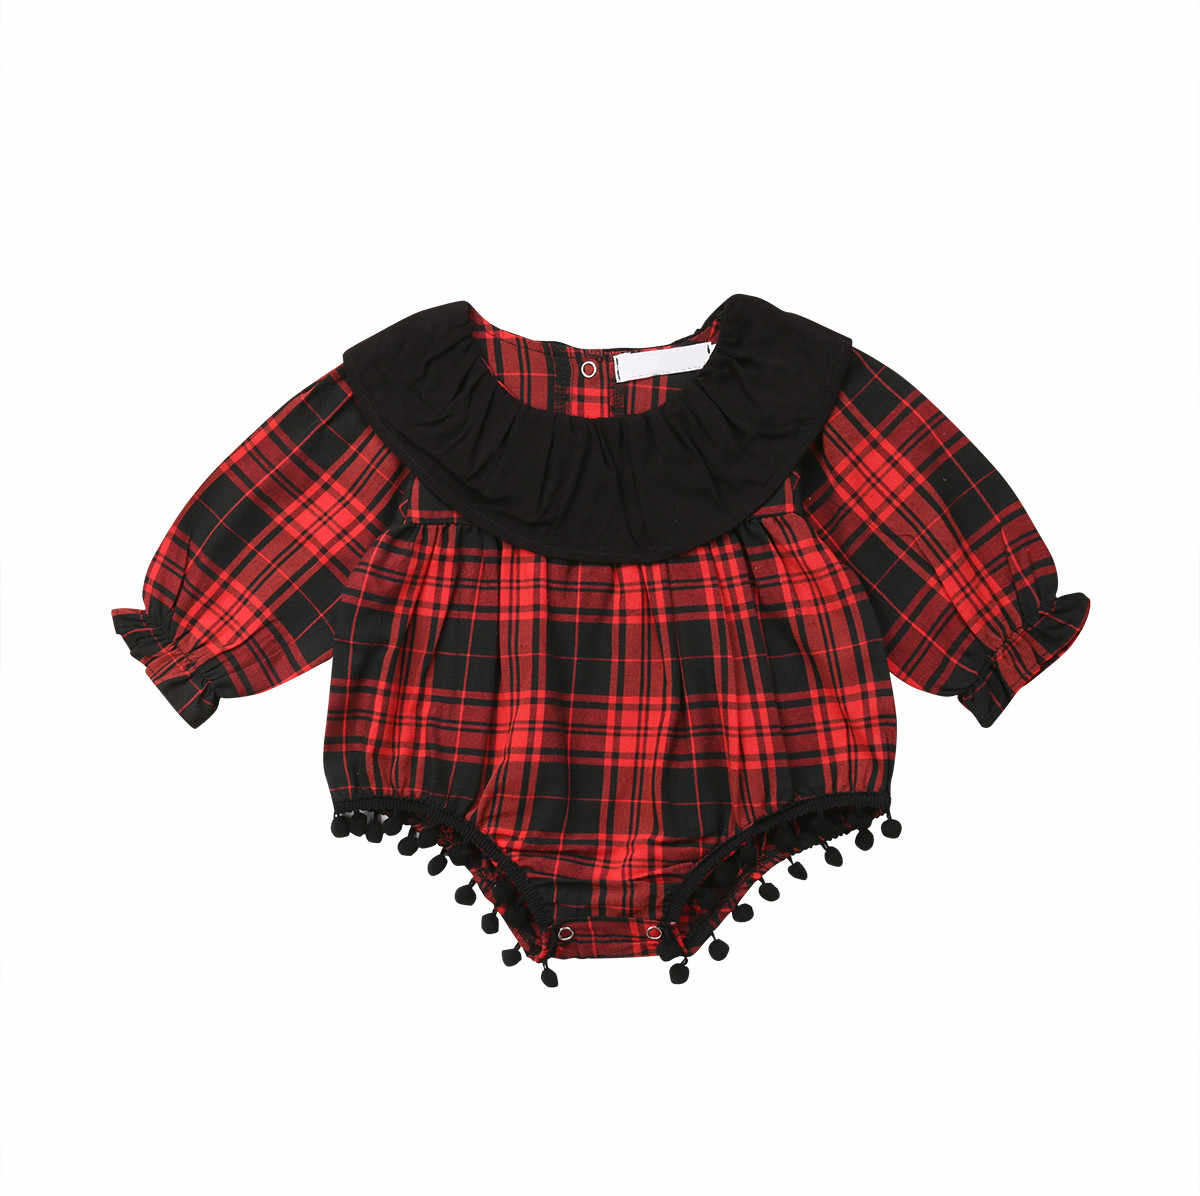 Новогодний для новорожденных для маленьких девочек s Красный Клетчатый комбинезон с длинным рукавом хлопок кисточкой мяч Осенняя Одежда для маленьких девочек наряды